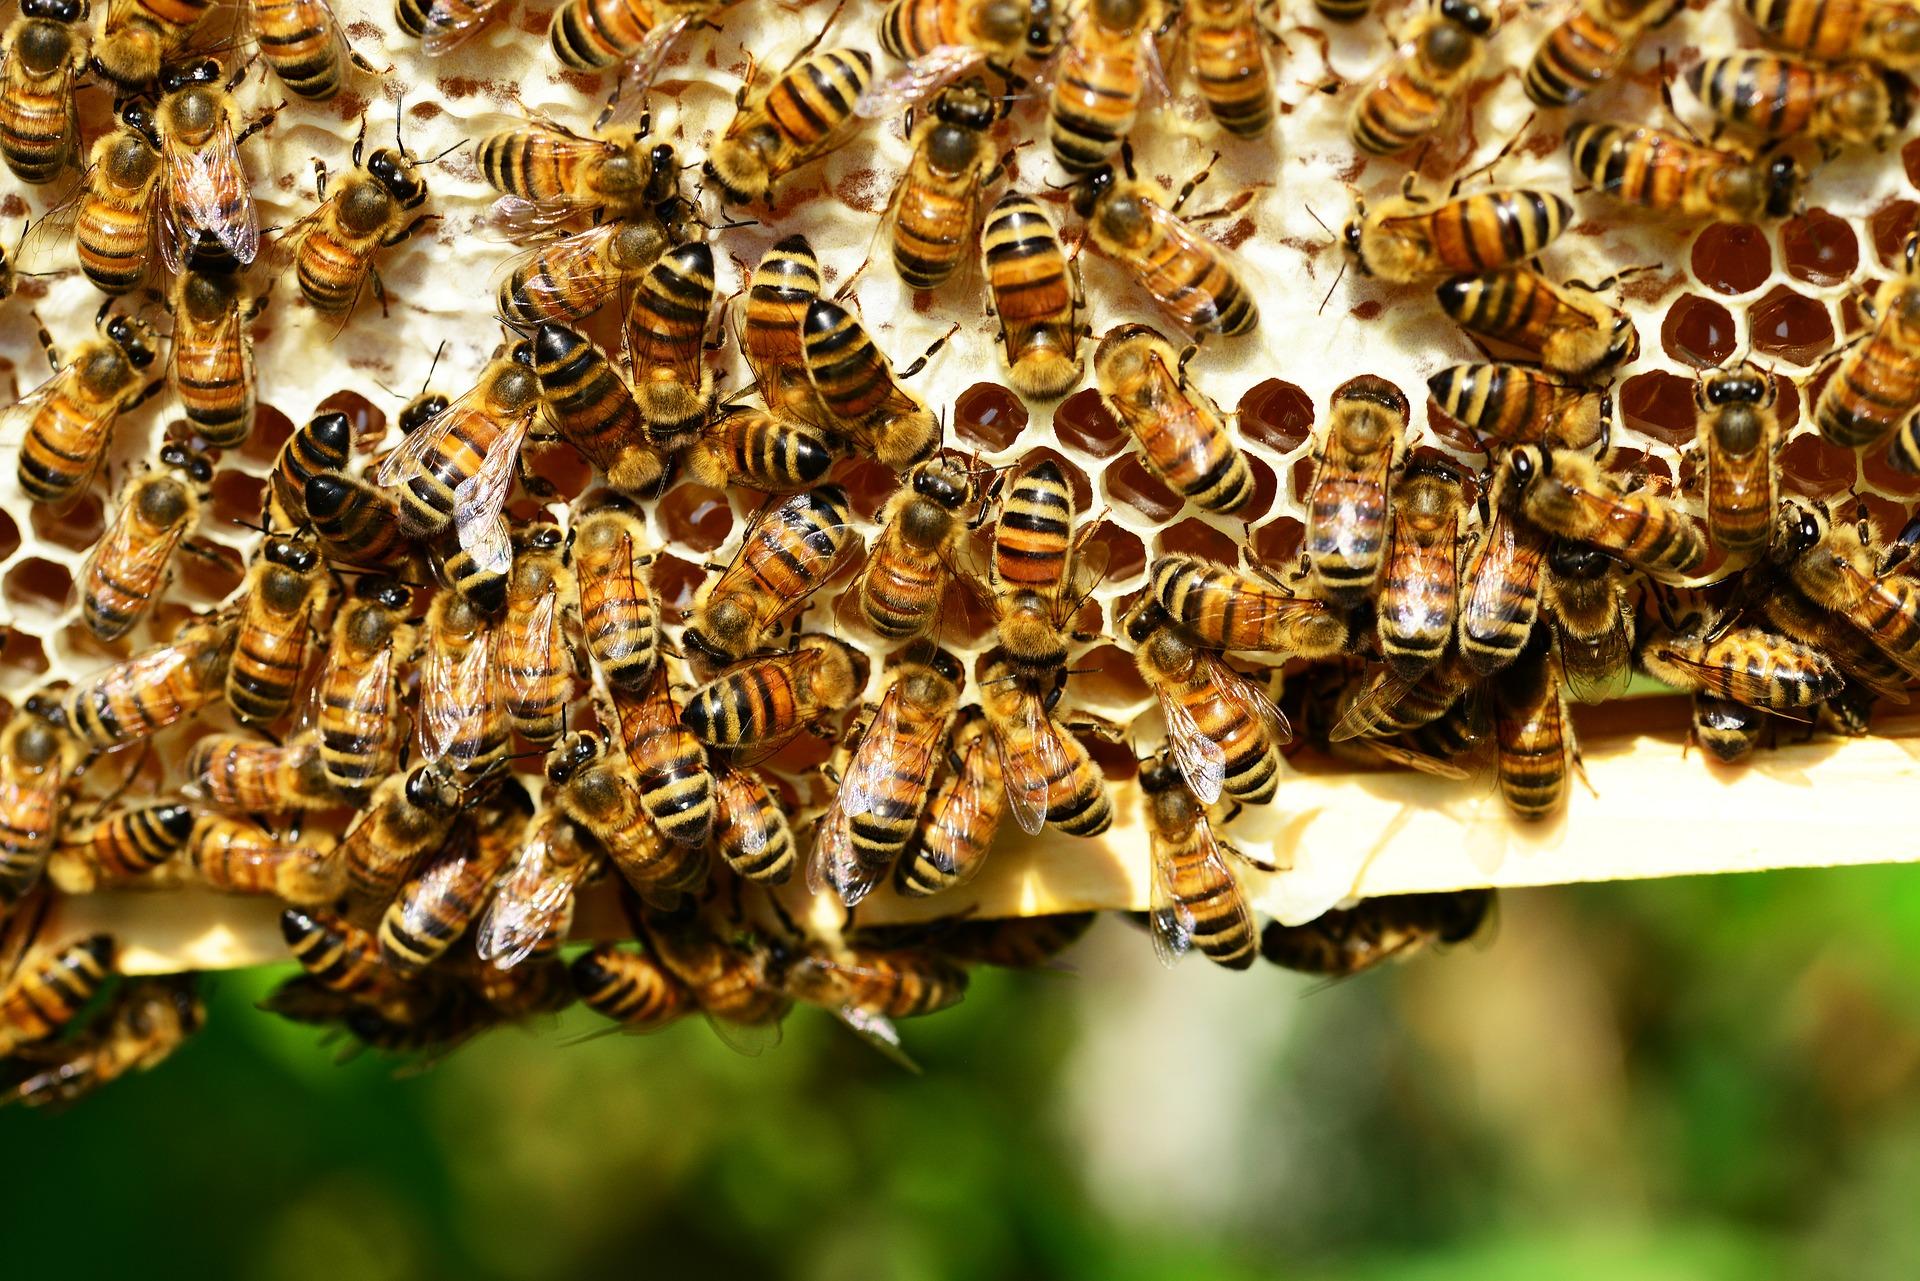 Bienen hängen an einer Honigwabe - Aktuelles aus dem Vereinsleben